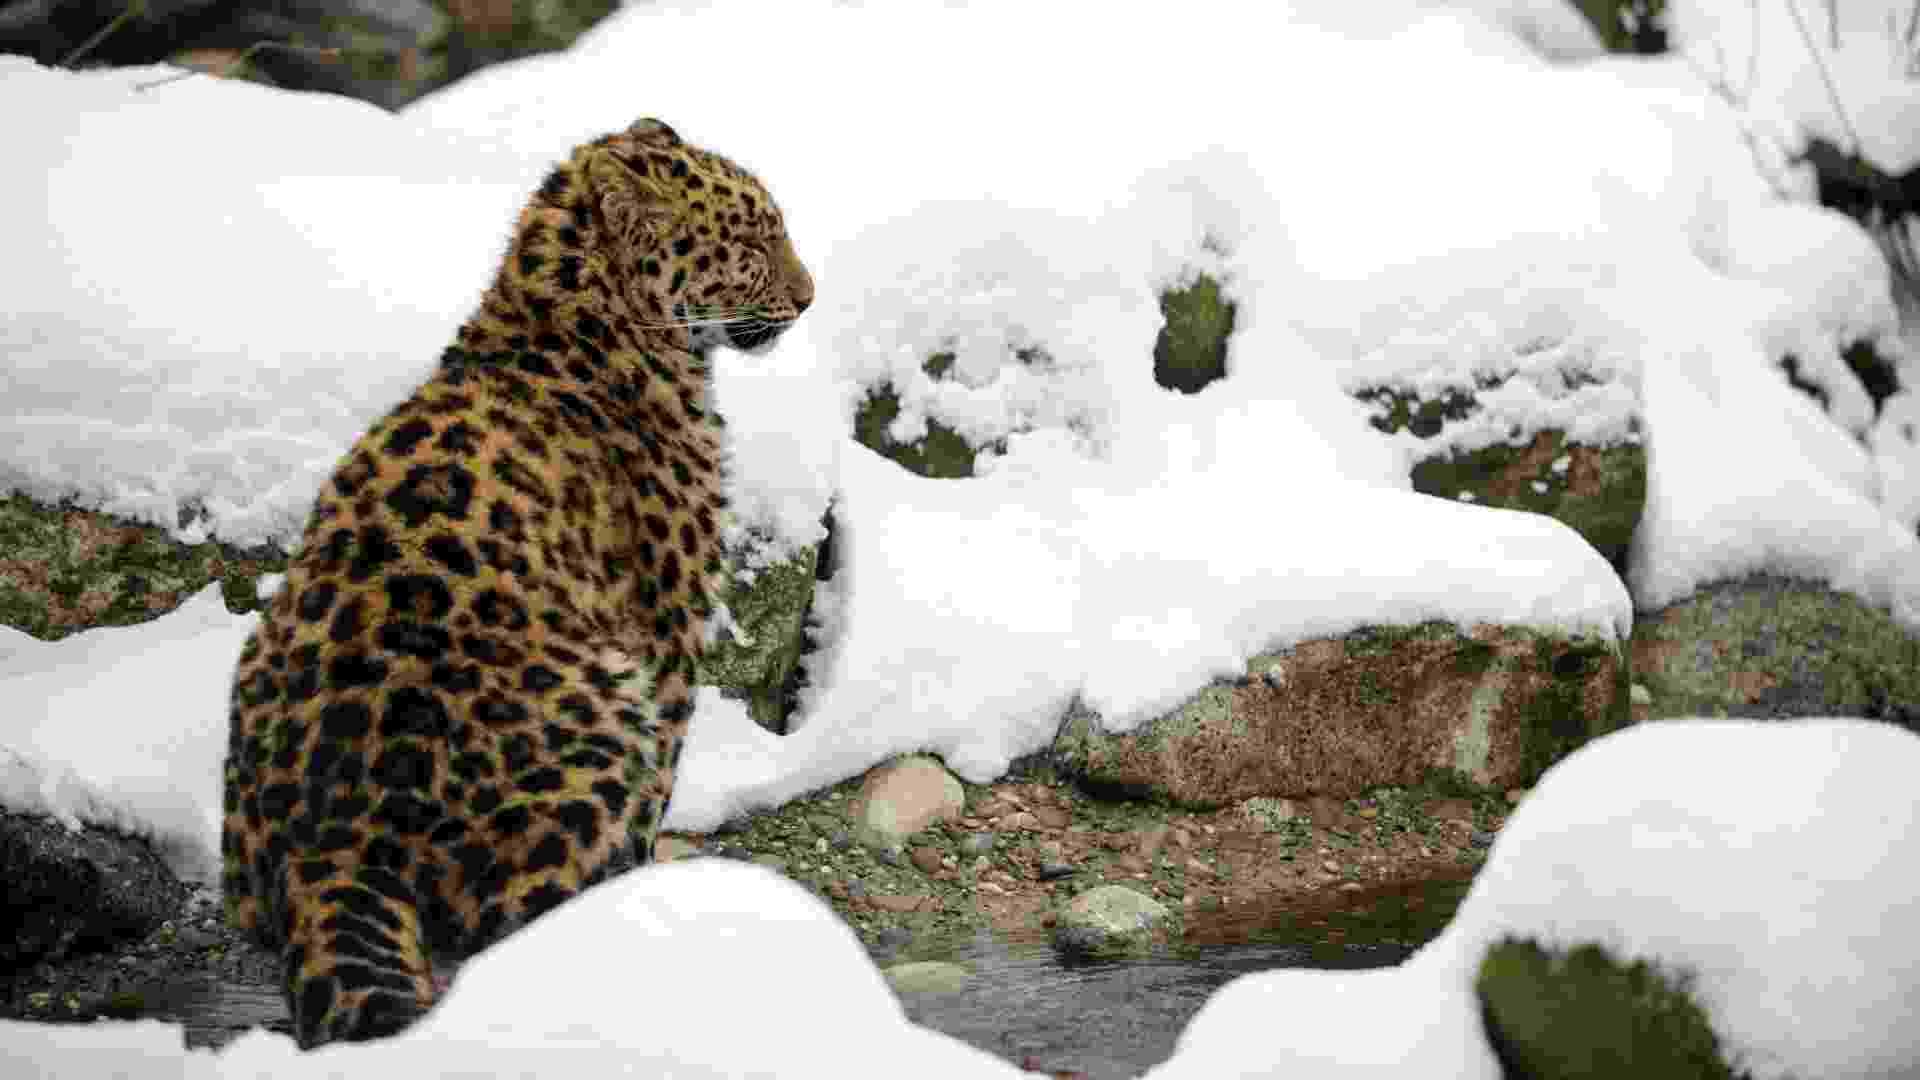 12.fev.2013 - Um leopardo de Amur caminha pela neve que cobre parte do zoológico de Mulhouse, na França. O animal é considerado o felino mais ameaçado do mundo - Sebastien Bozon/AFP